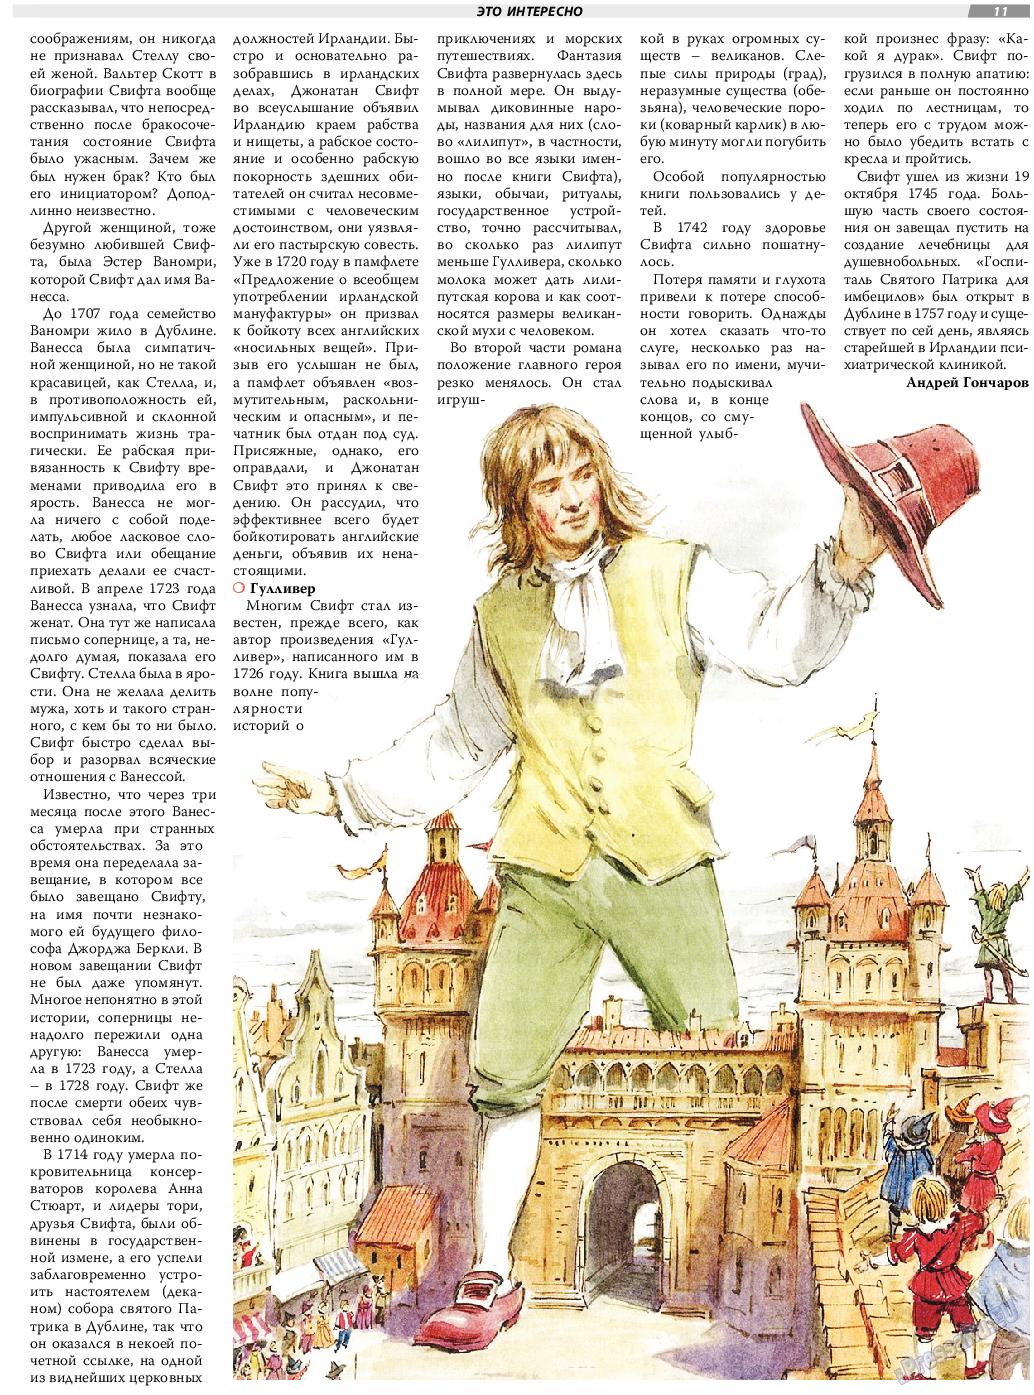 TVrus (газета). 2020 год, номер 18, стр. 11